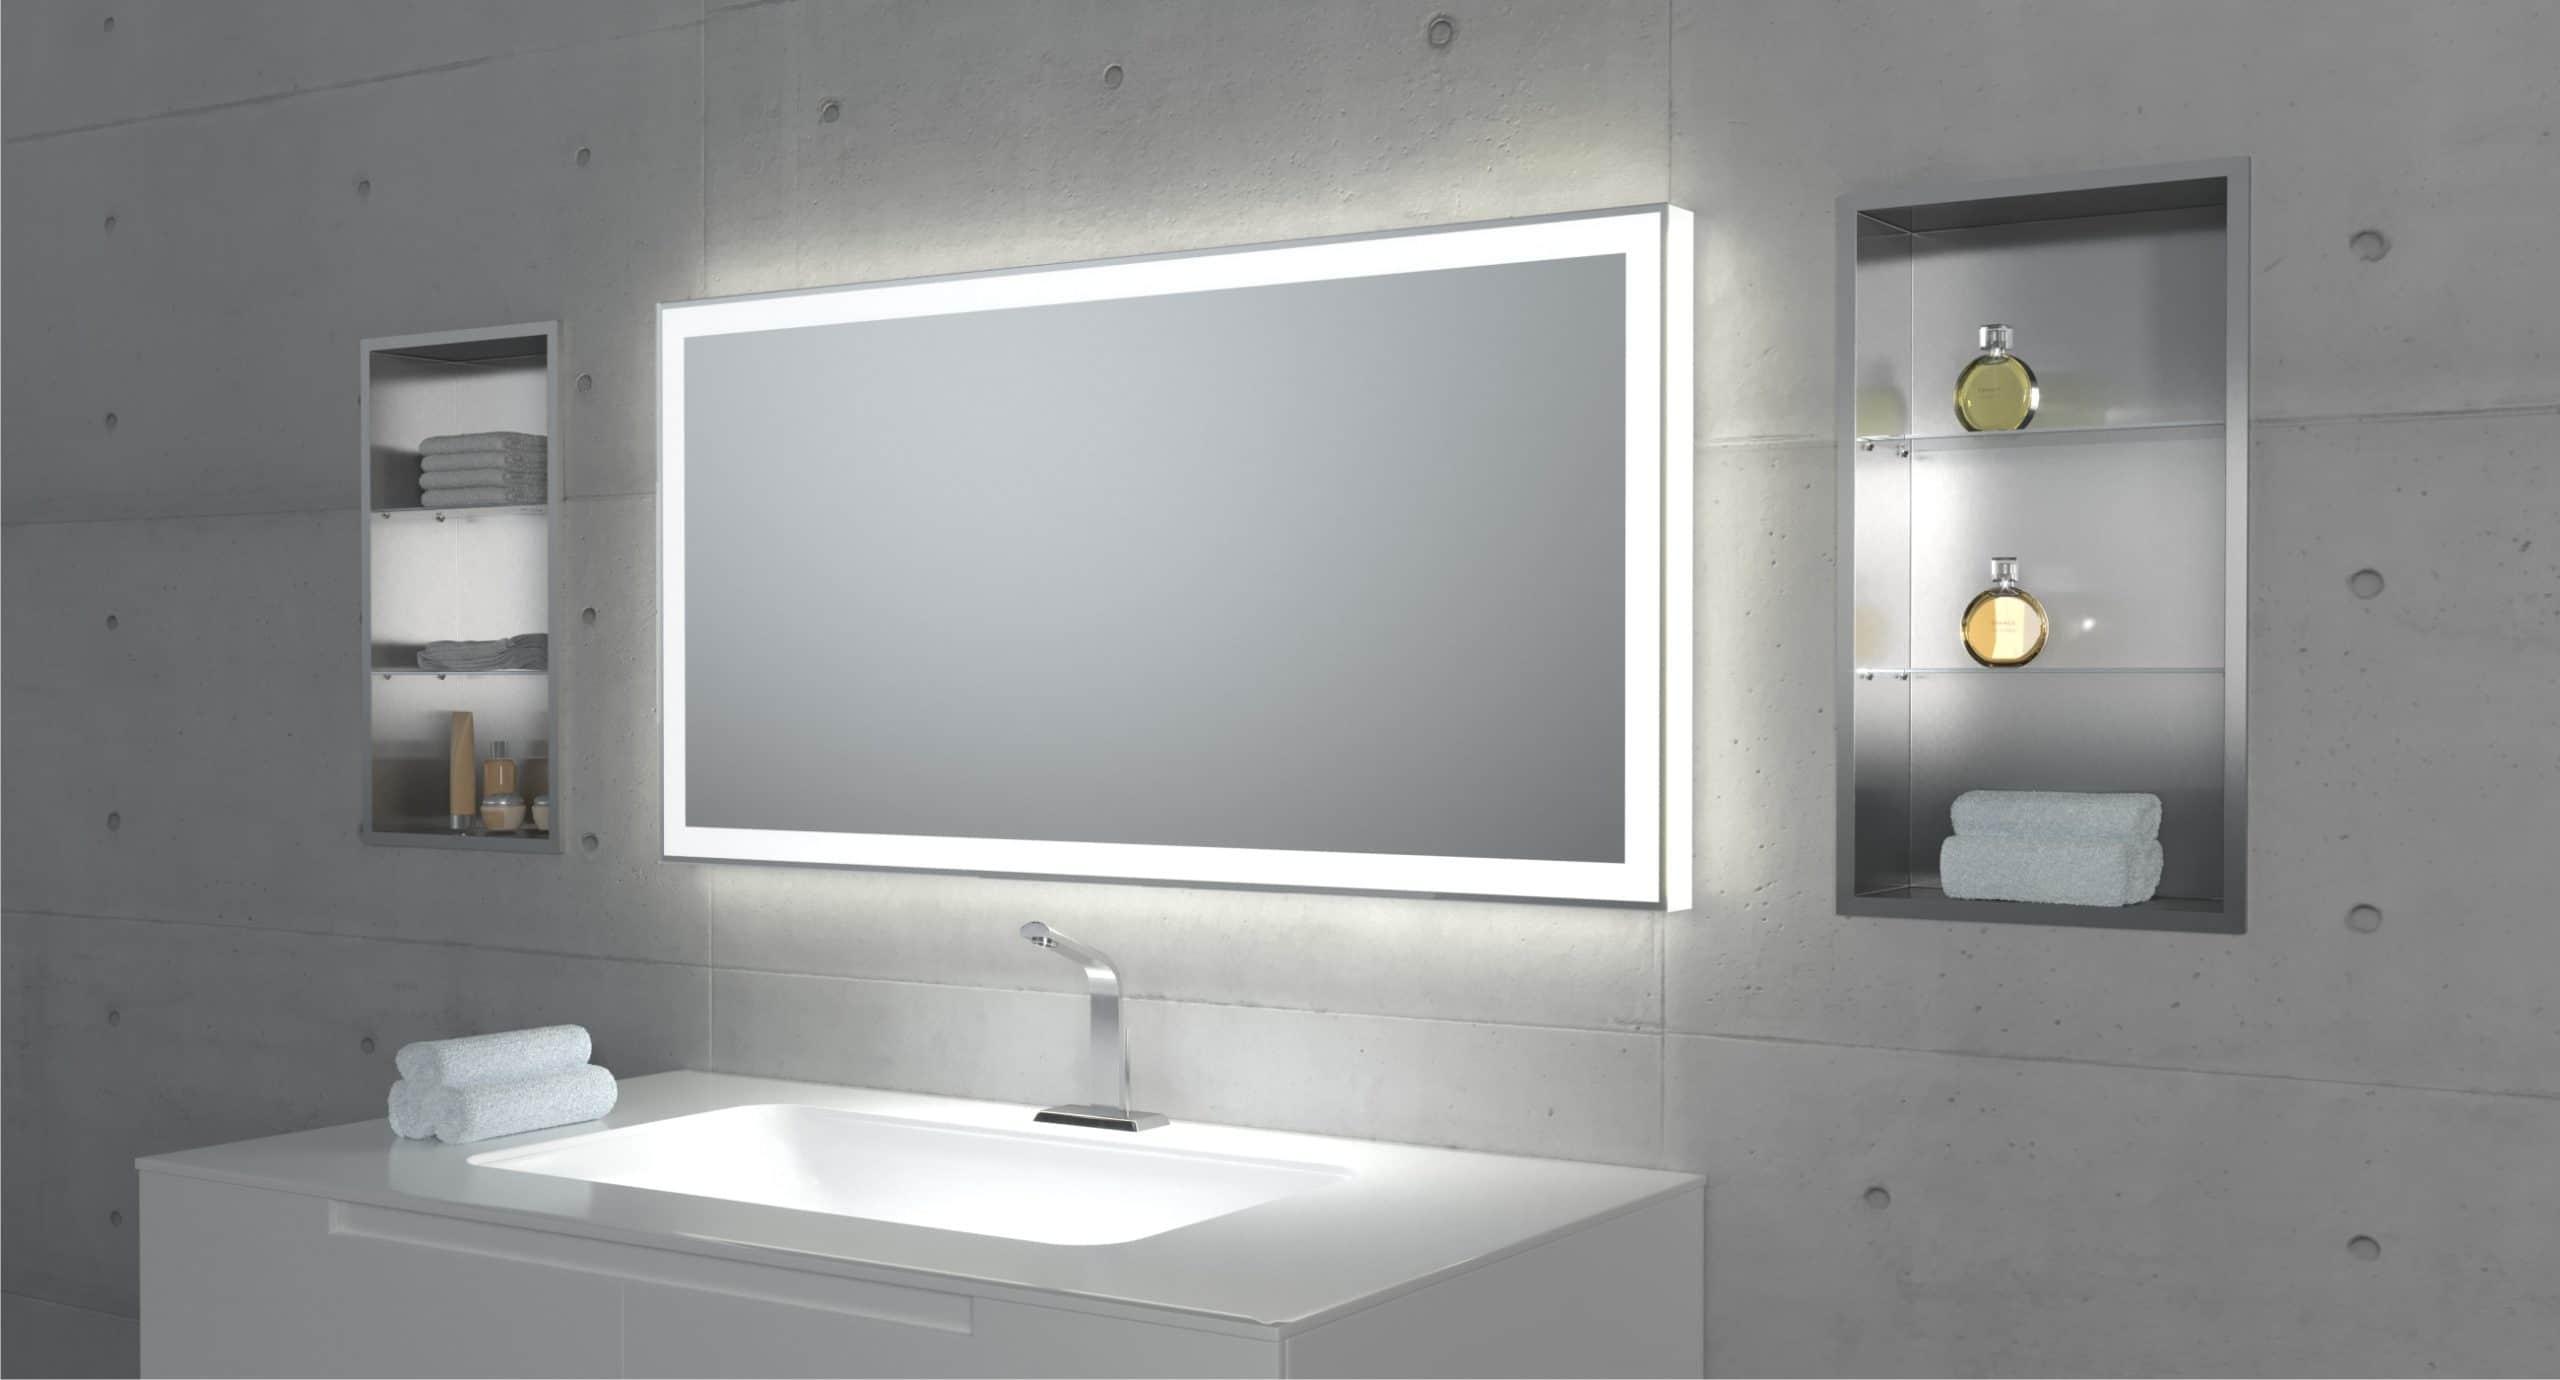 Armoire de salle de bains gardanne meyreuil plan de campagne aix en provence